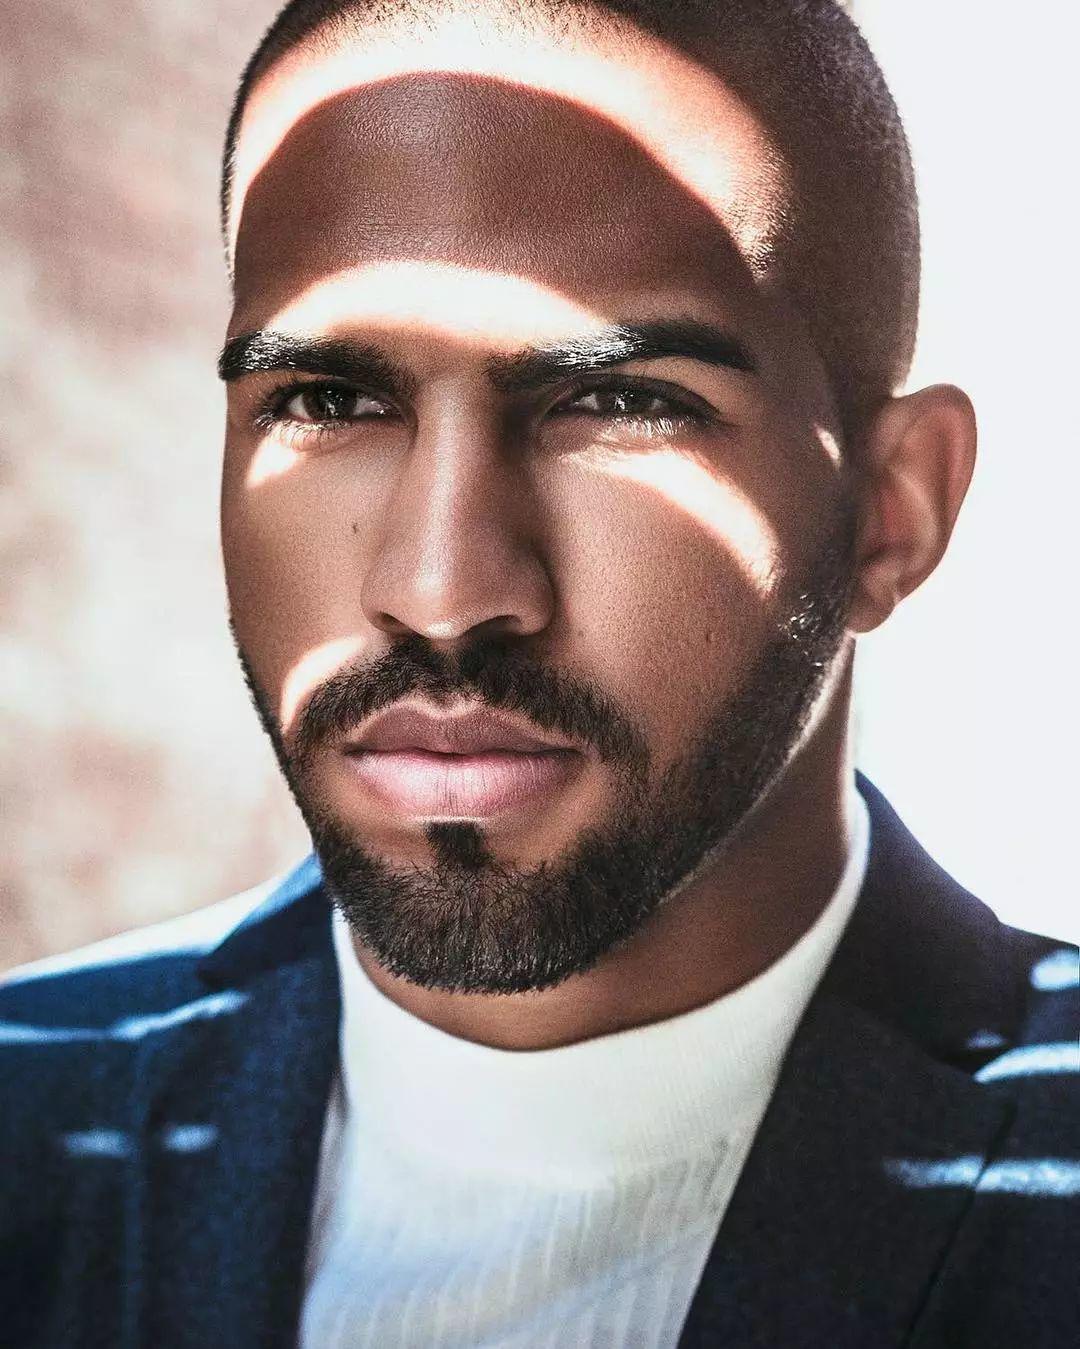 完美的法国黑人男模Pierre Abena,我觉得是我的真命天子!